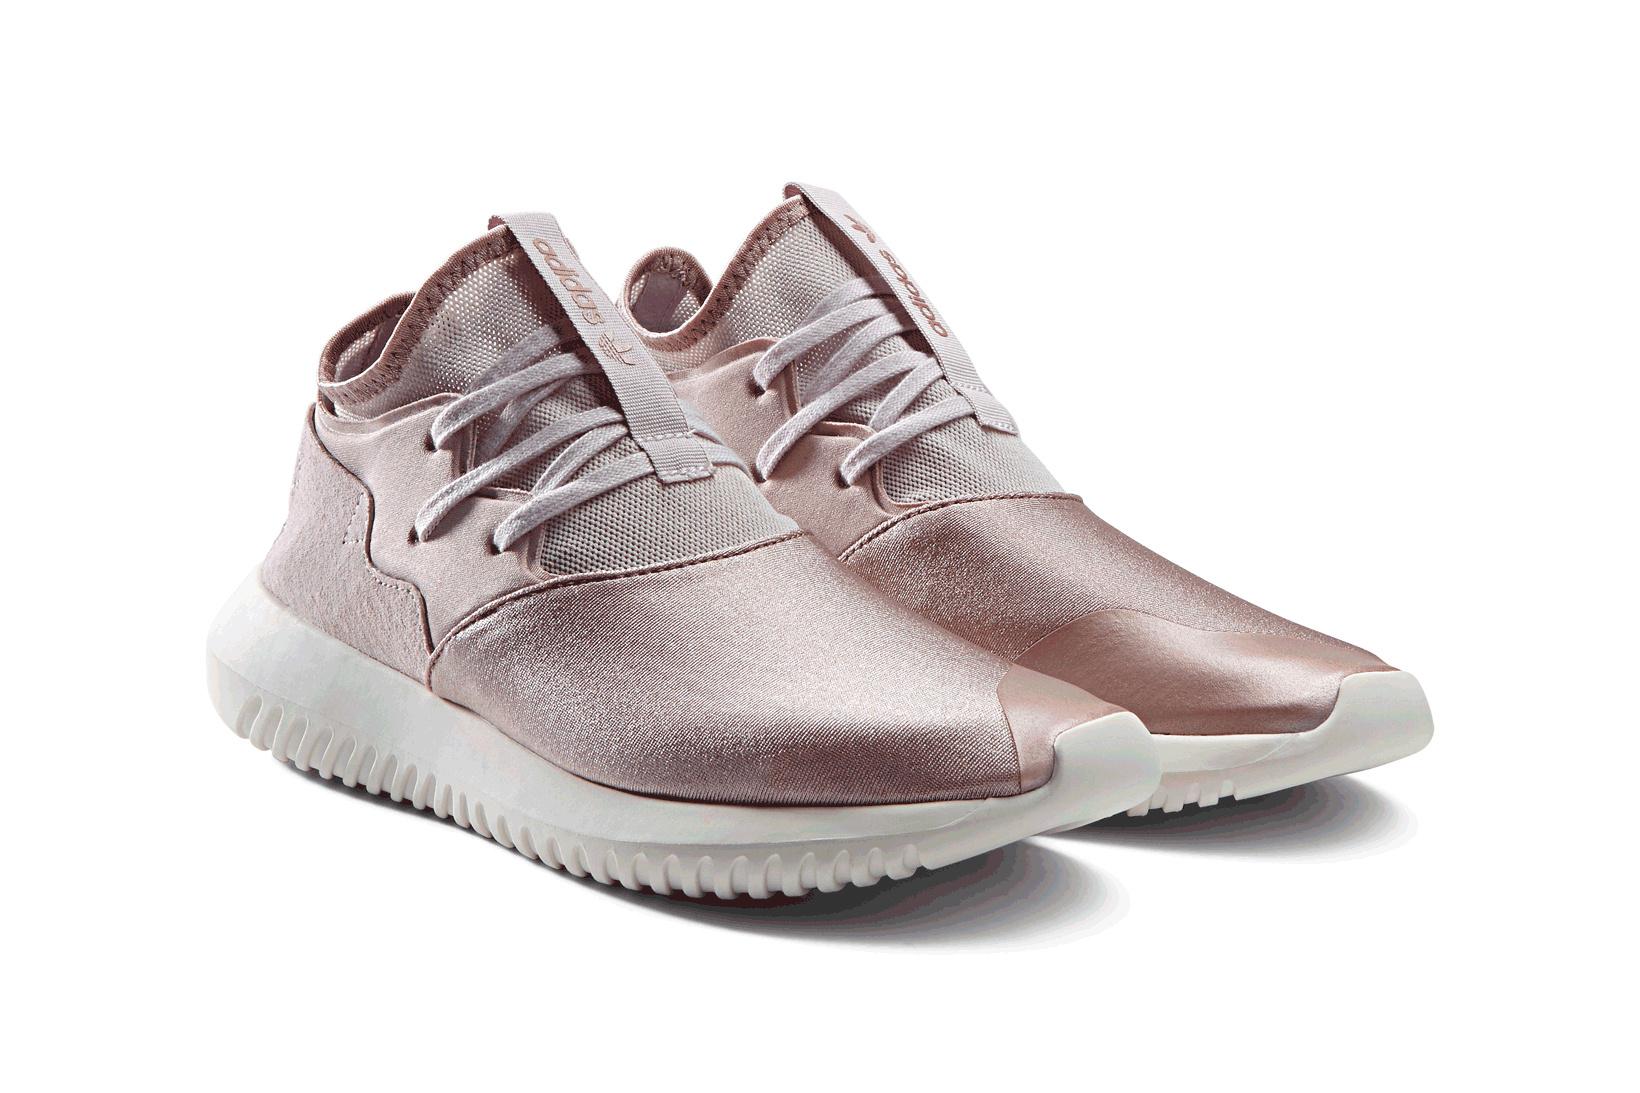 Après la adidas NMD XR1, c'est au tour de la Tubular de se revêtir de rose pâle